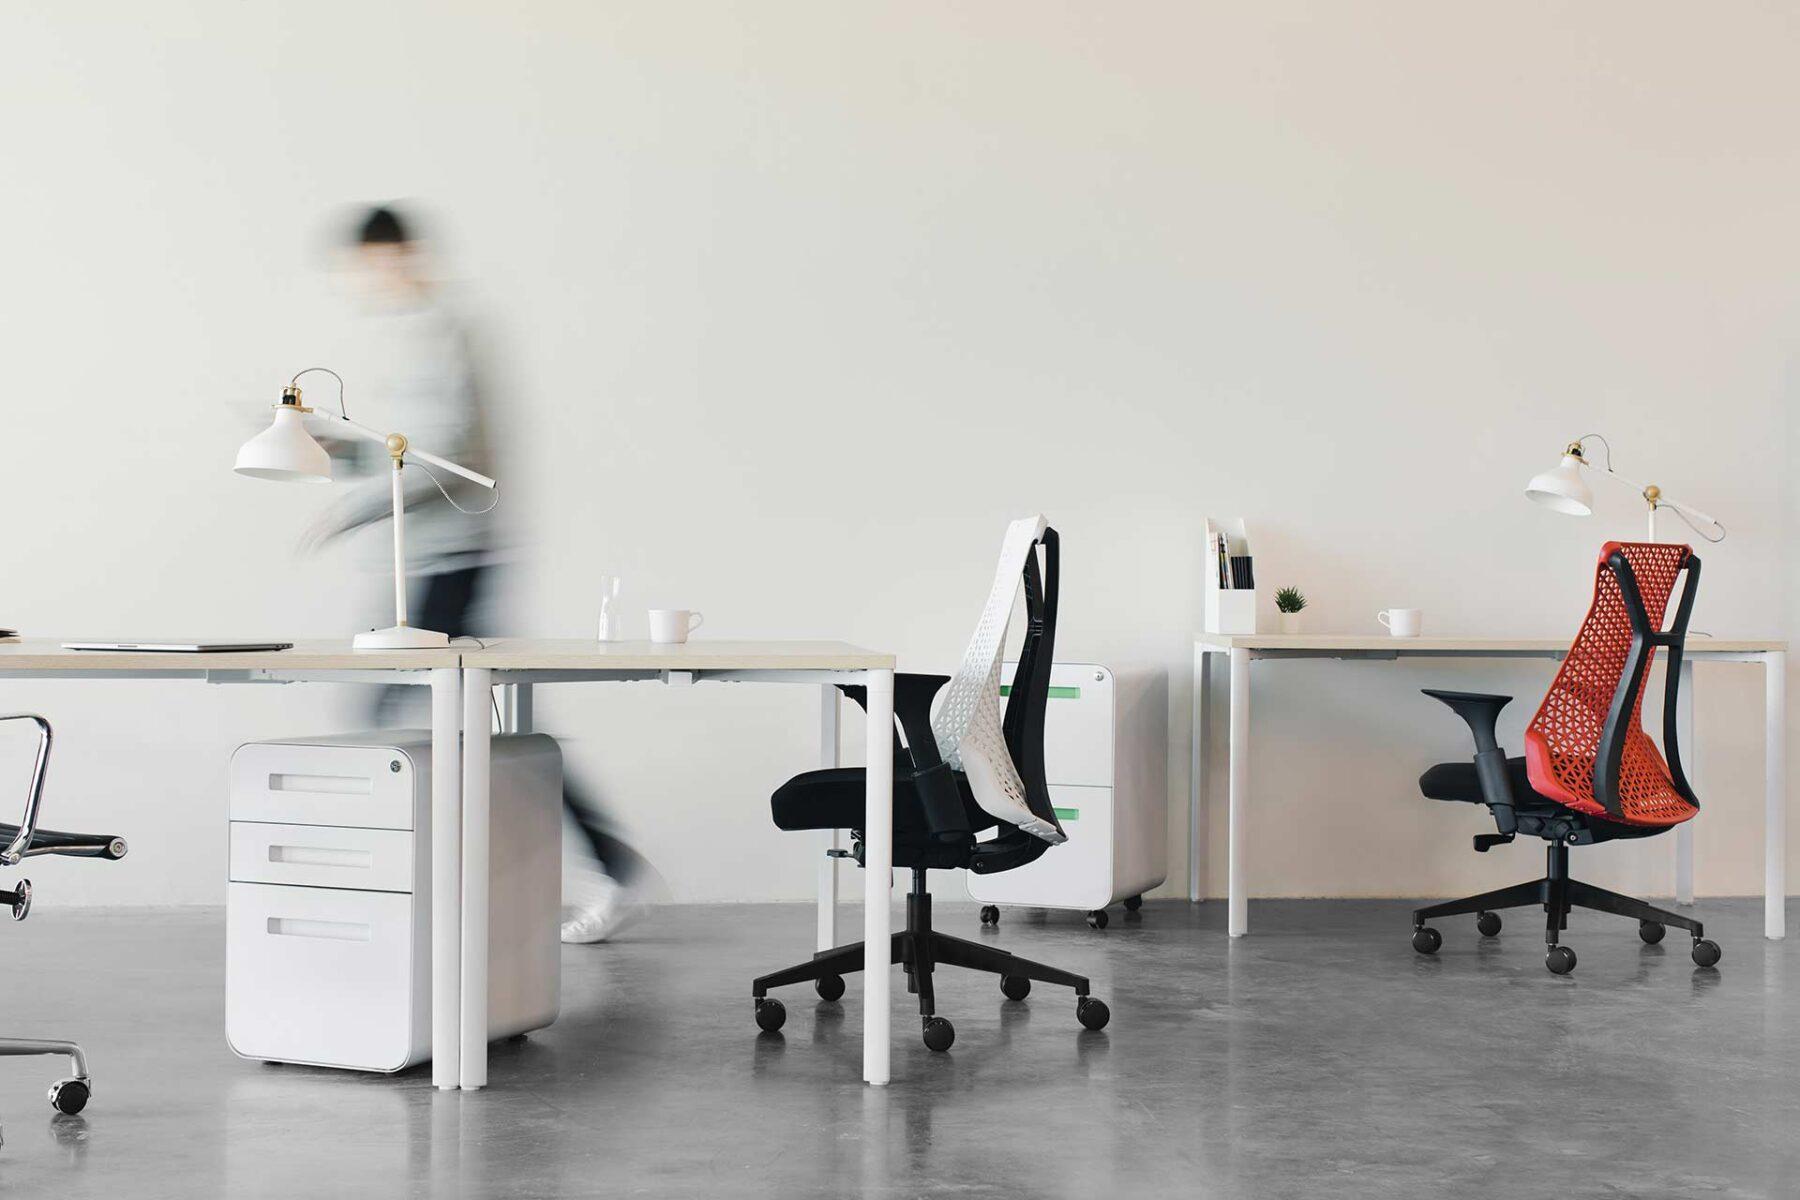 ¿Qué nivel de employer branding tiene vuestra empresa?